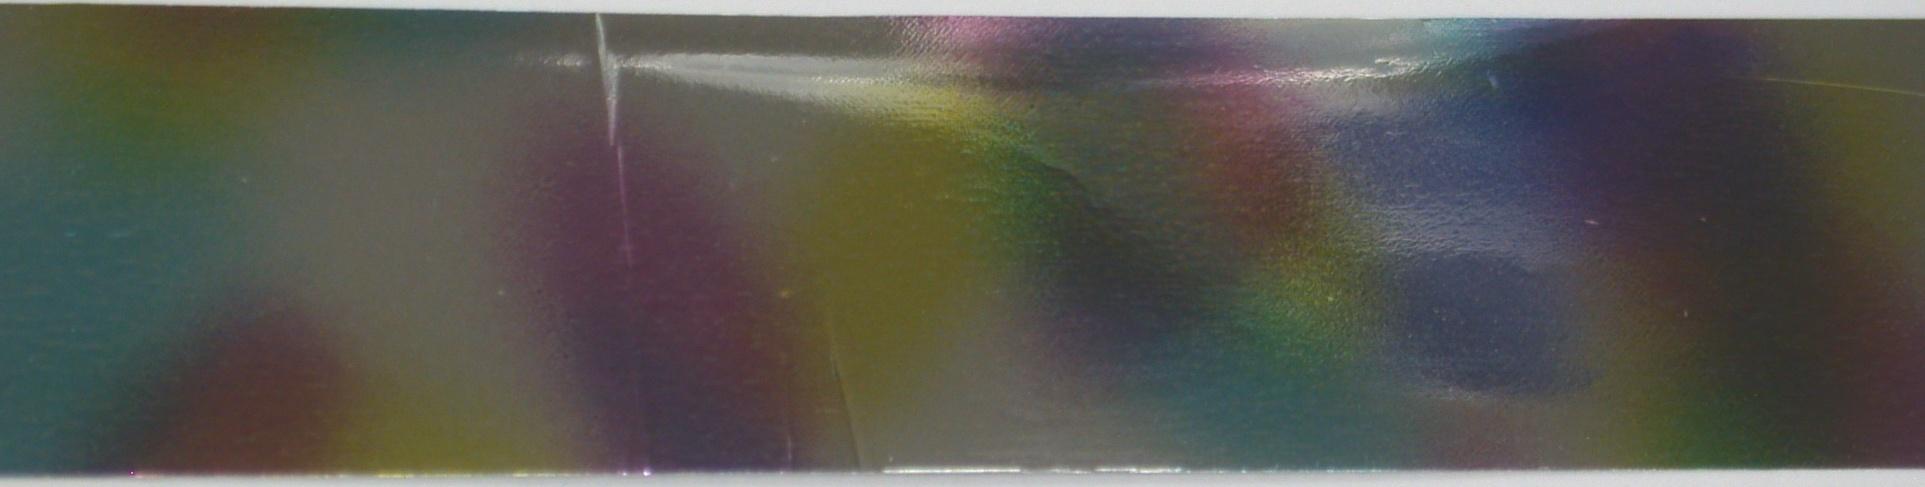 VIVI Folie na nehty hladká duha 50 cm